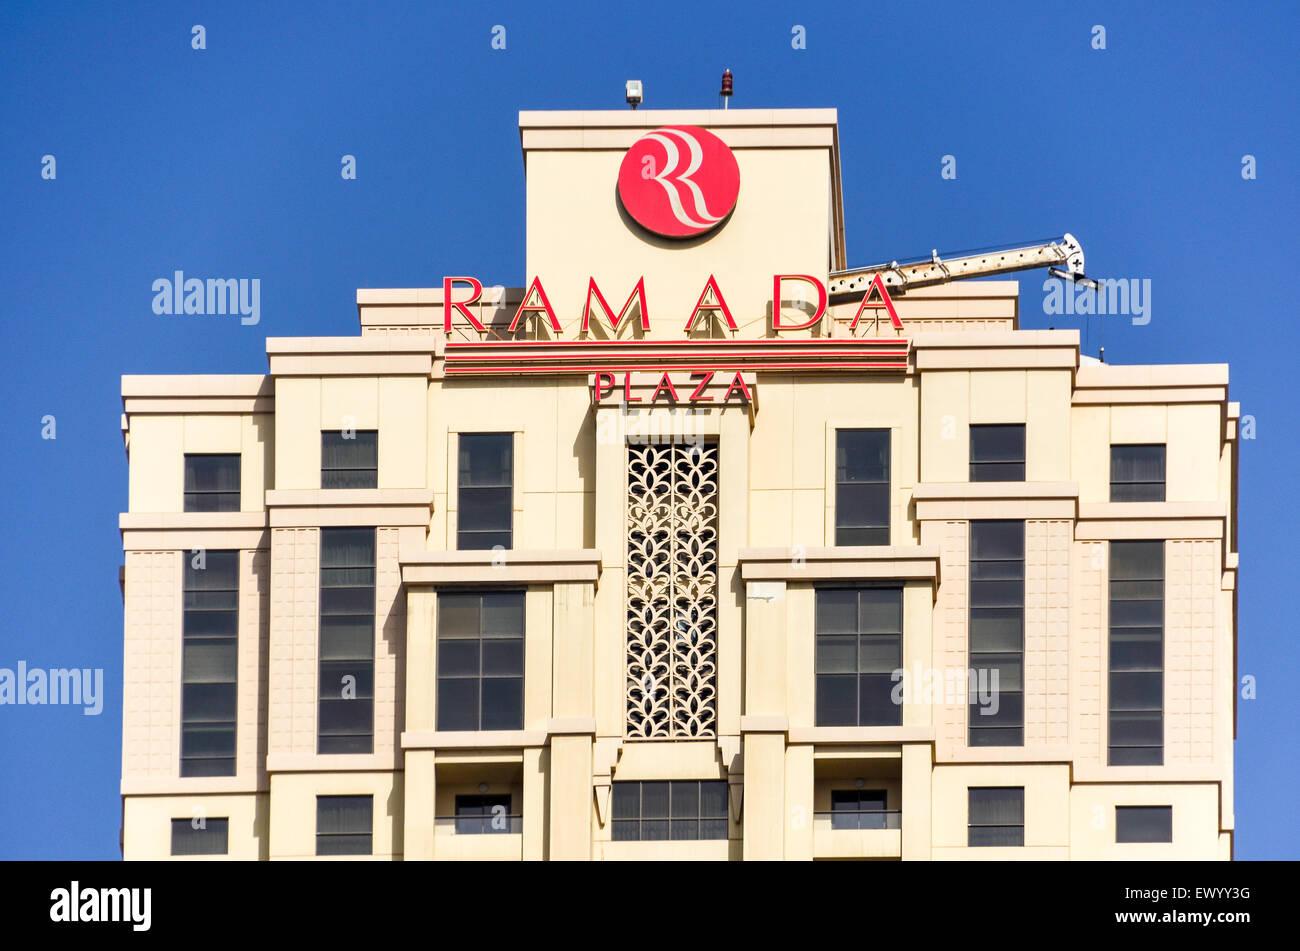 Отель рамада дубай марина купить квартиру в дубае сколько стоит